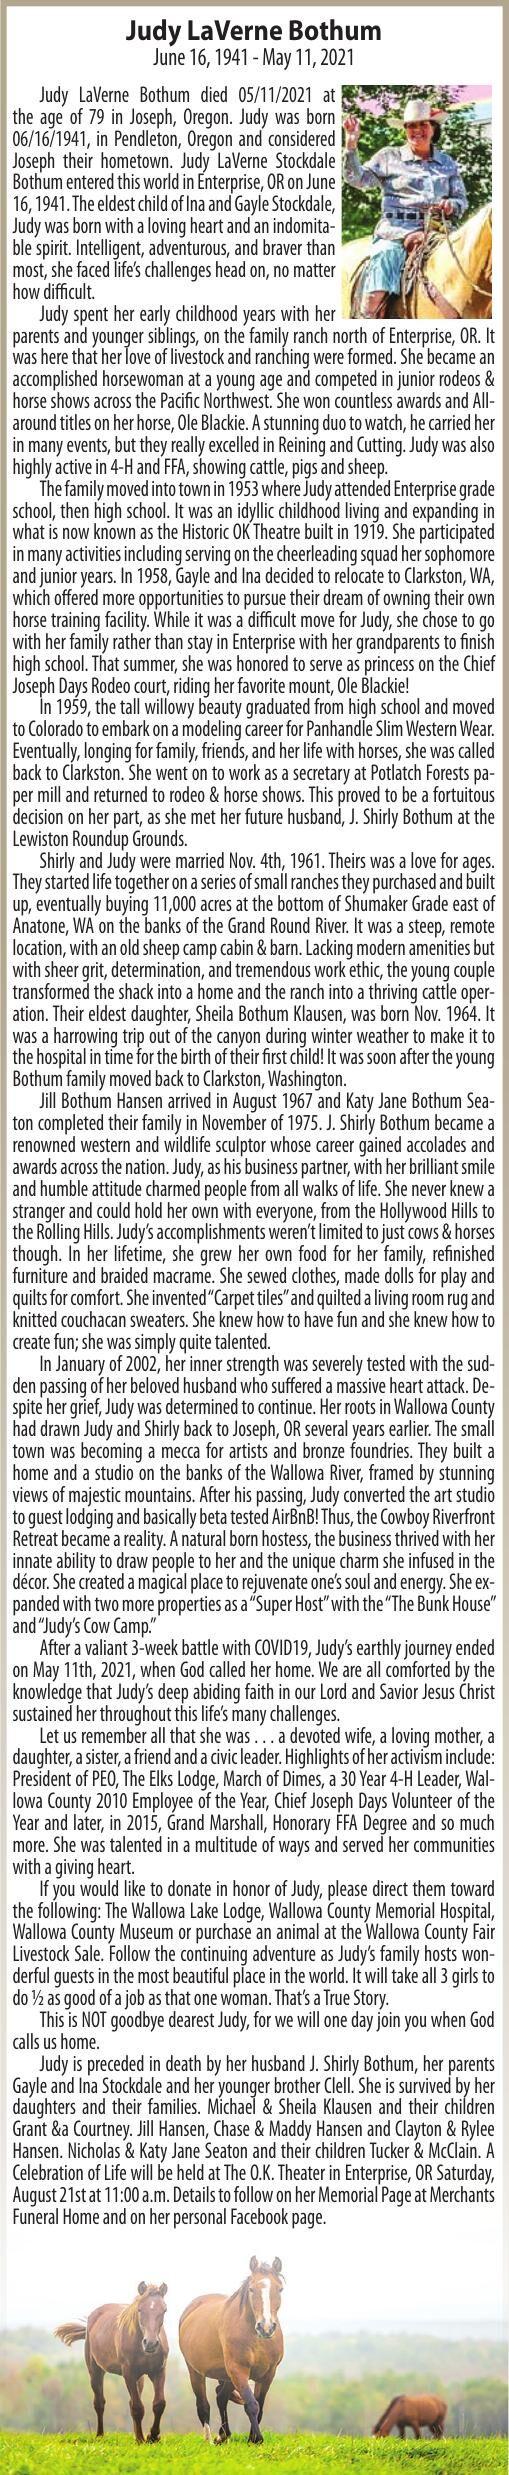 Obituary: Judy LaVerne Bothum, June 16, 1941 - May 11, 2021